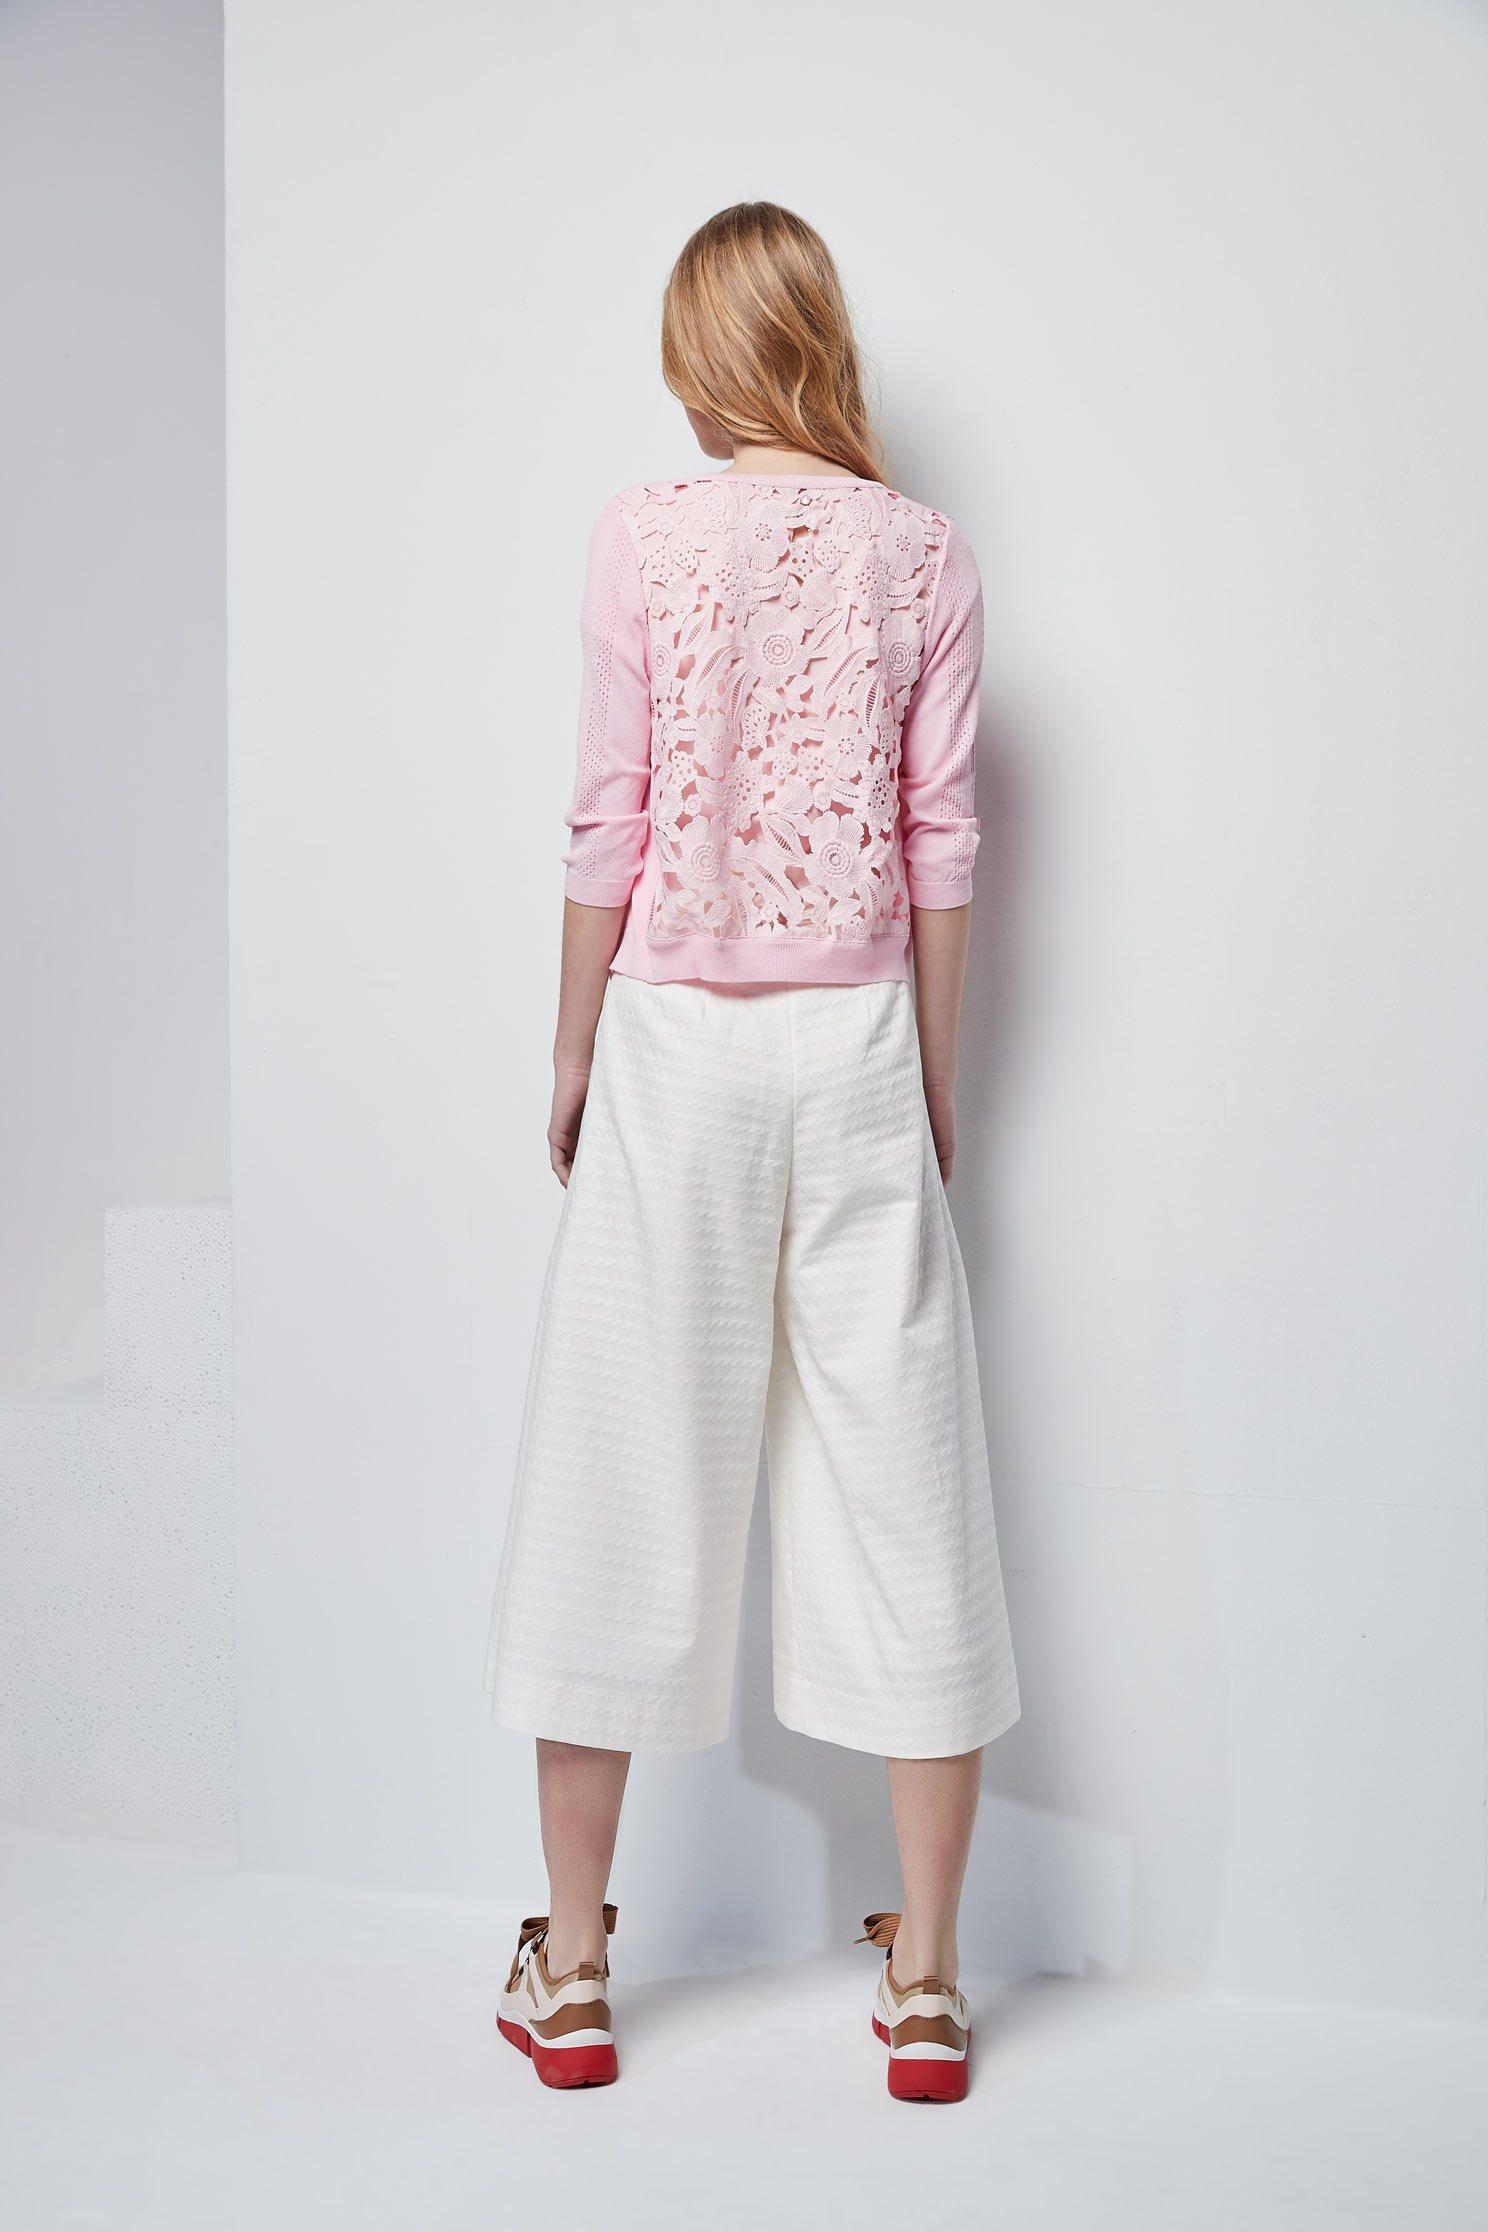 Knitting lace coat